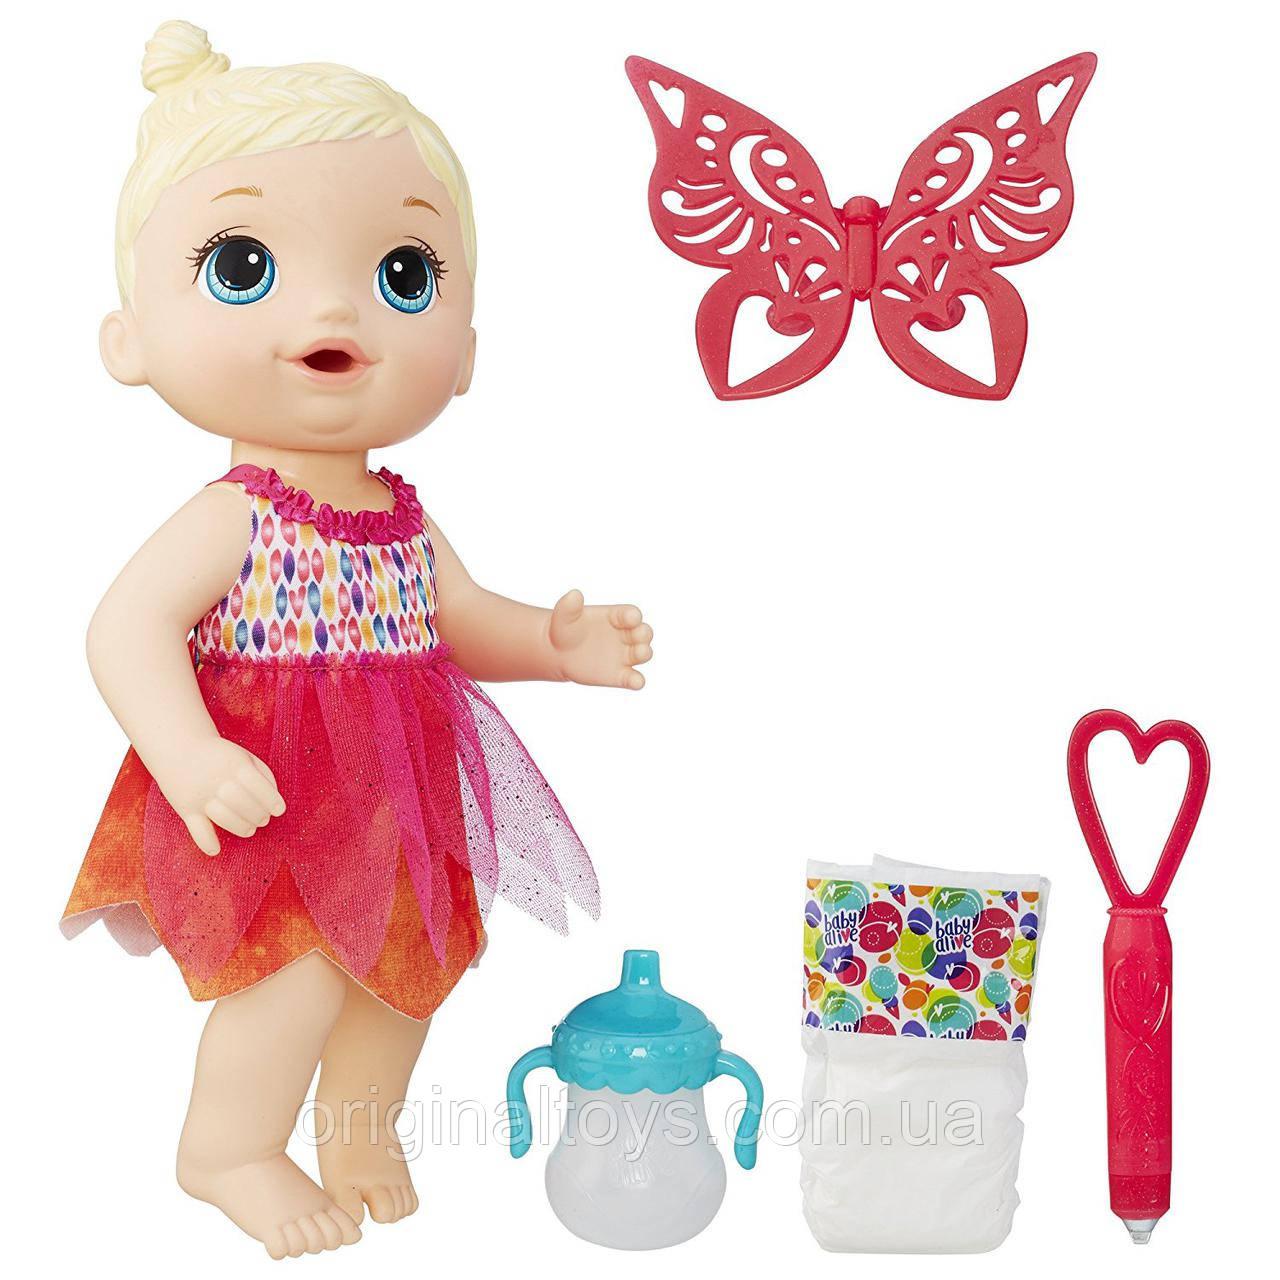 Кукла Baby Alive Малышка-фея Hasbro